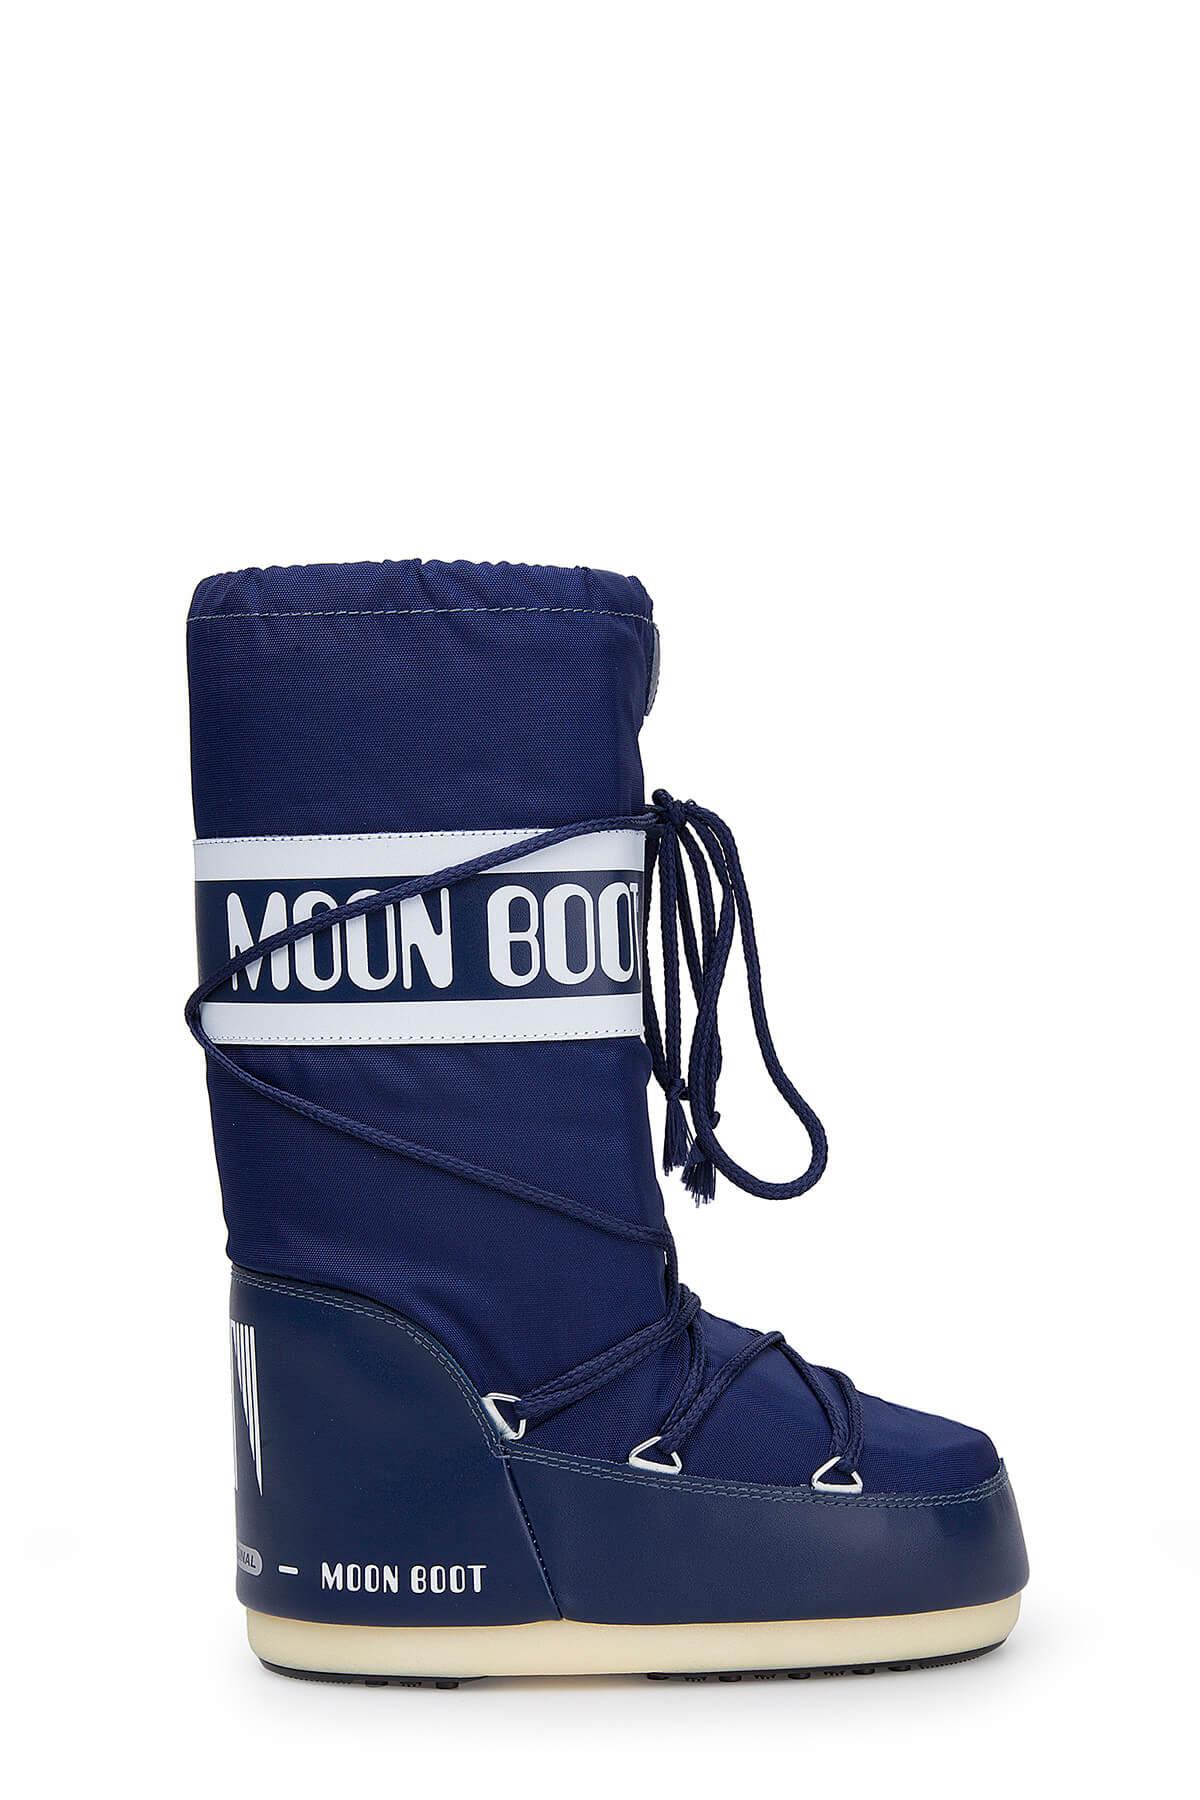 MOON BOOT Kadın Lacivert Bot & Bootie 14004400 002 1